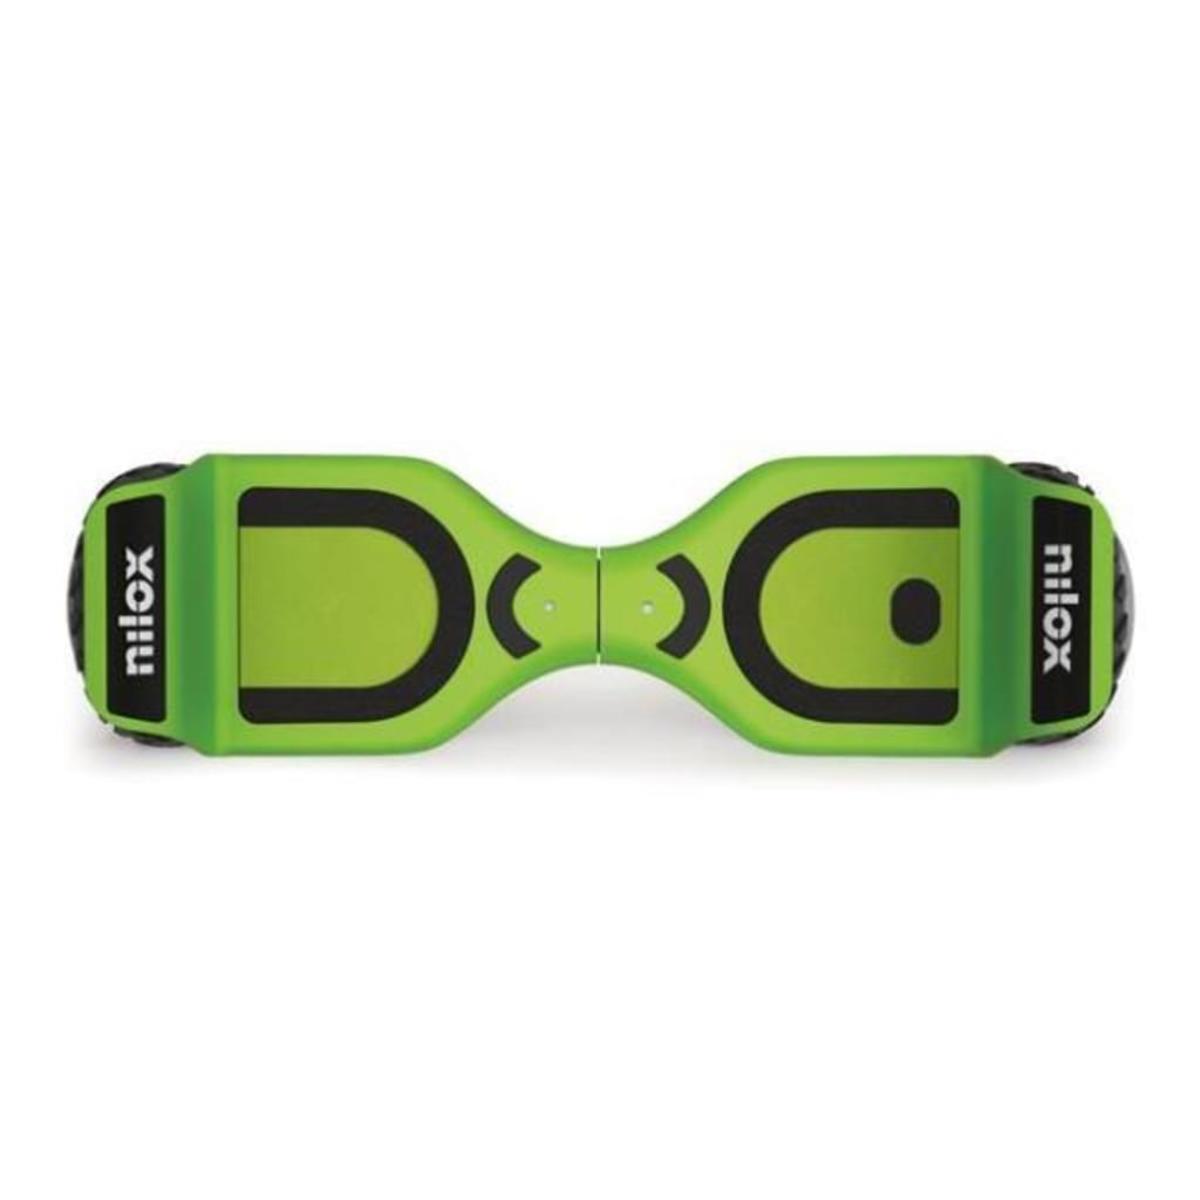 Bild 2 von Nilox DOC 2 E-Balance Board Grün